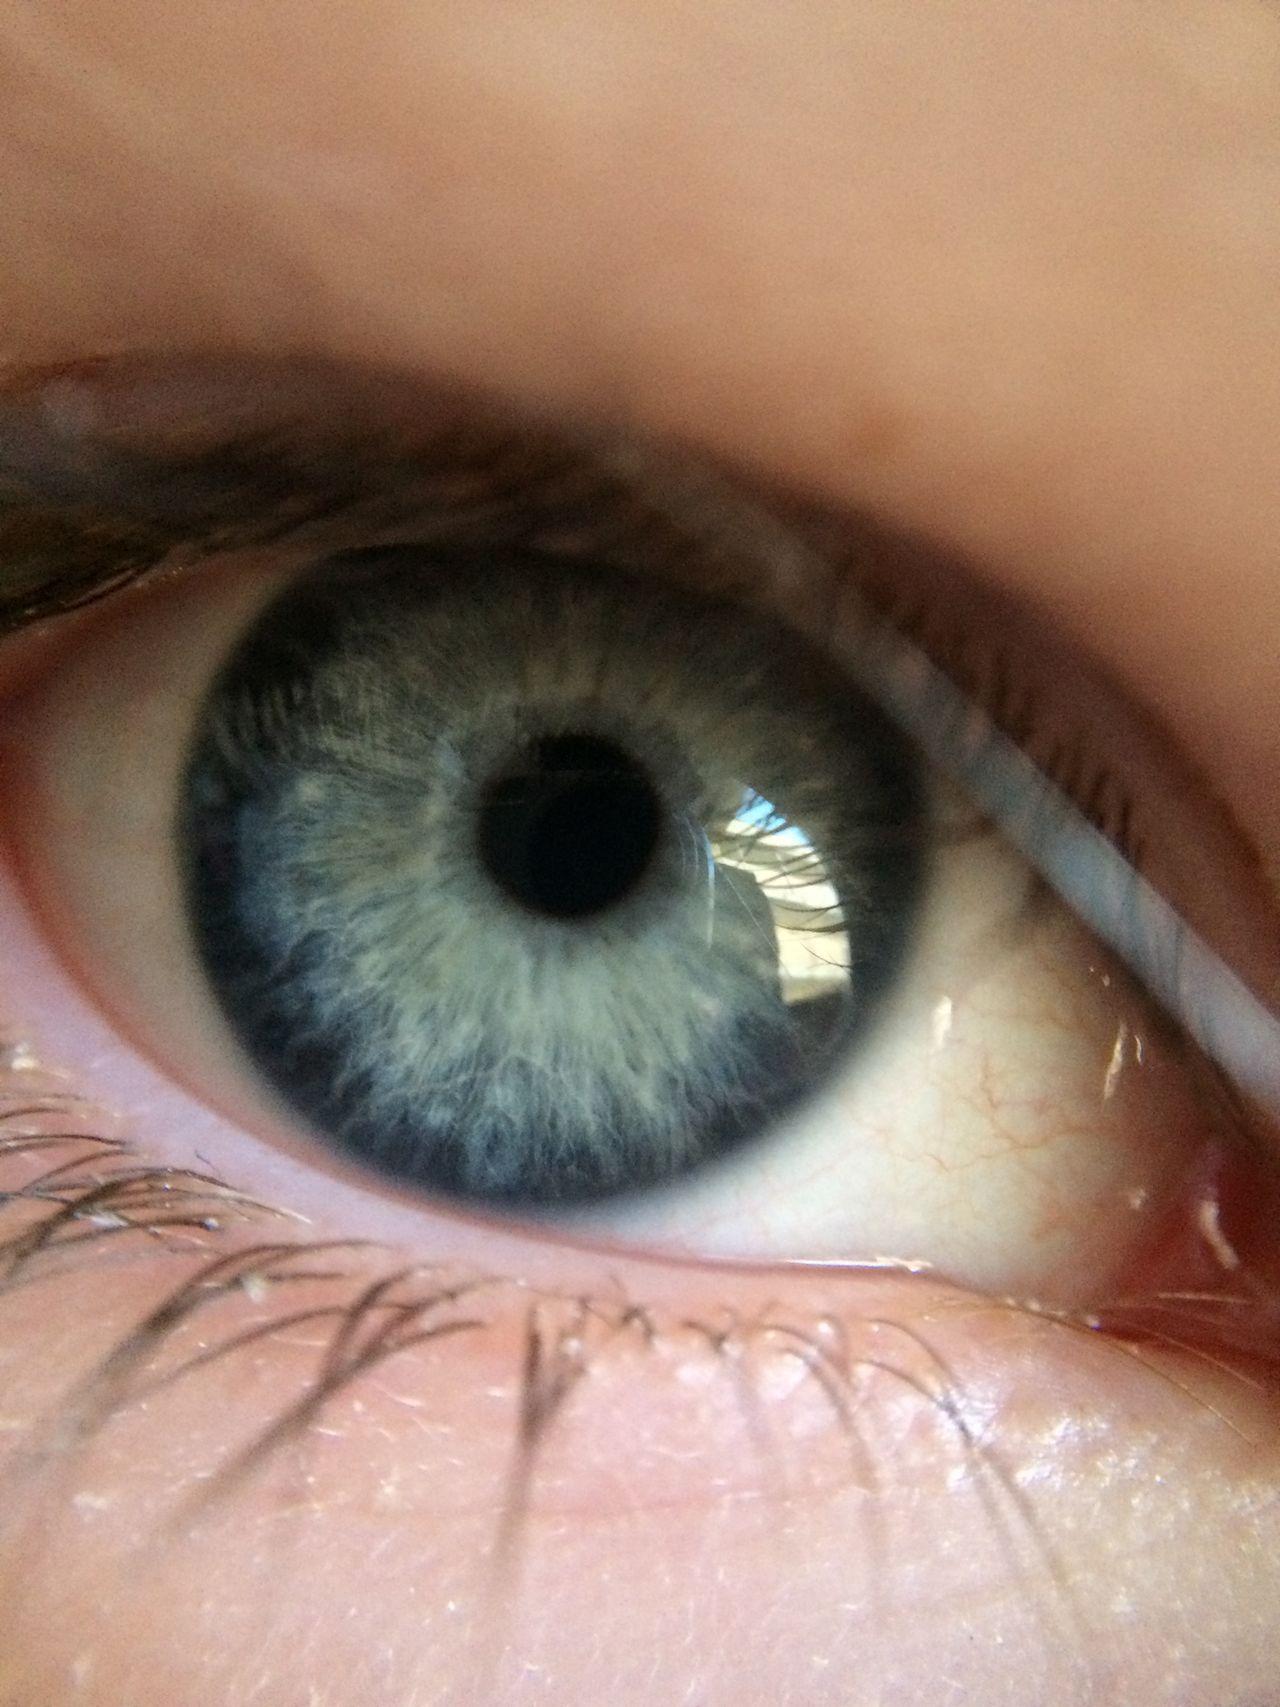 Beautiful stock photos of eyes, Budapest, Close-Up, Extreme Close-Up, Eyelash